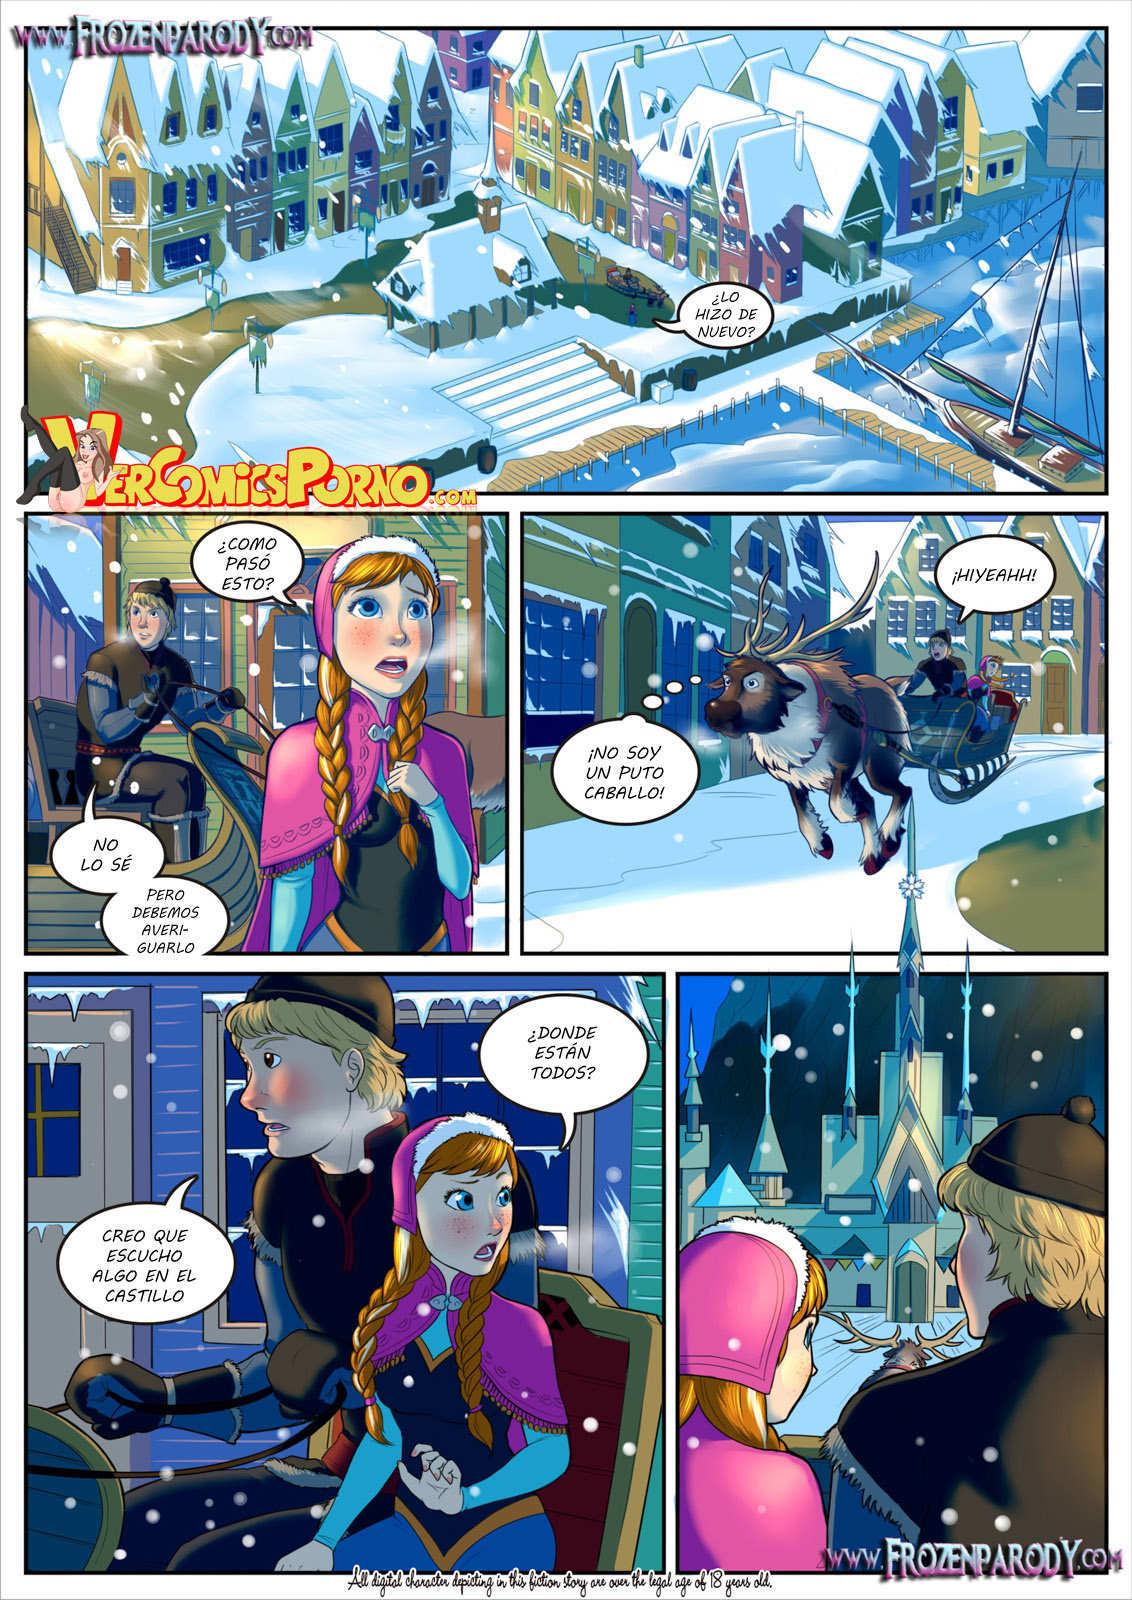 frozen-parody-01-traduccion-exclusiva 2